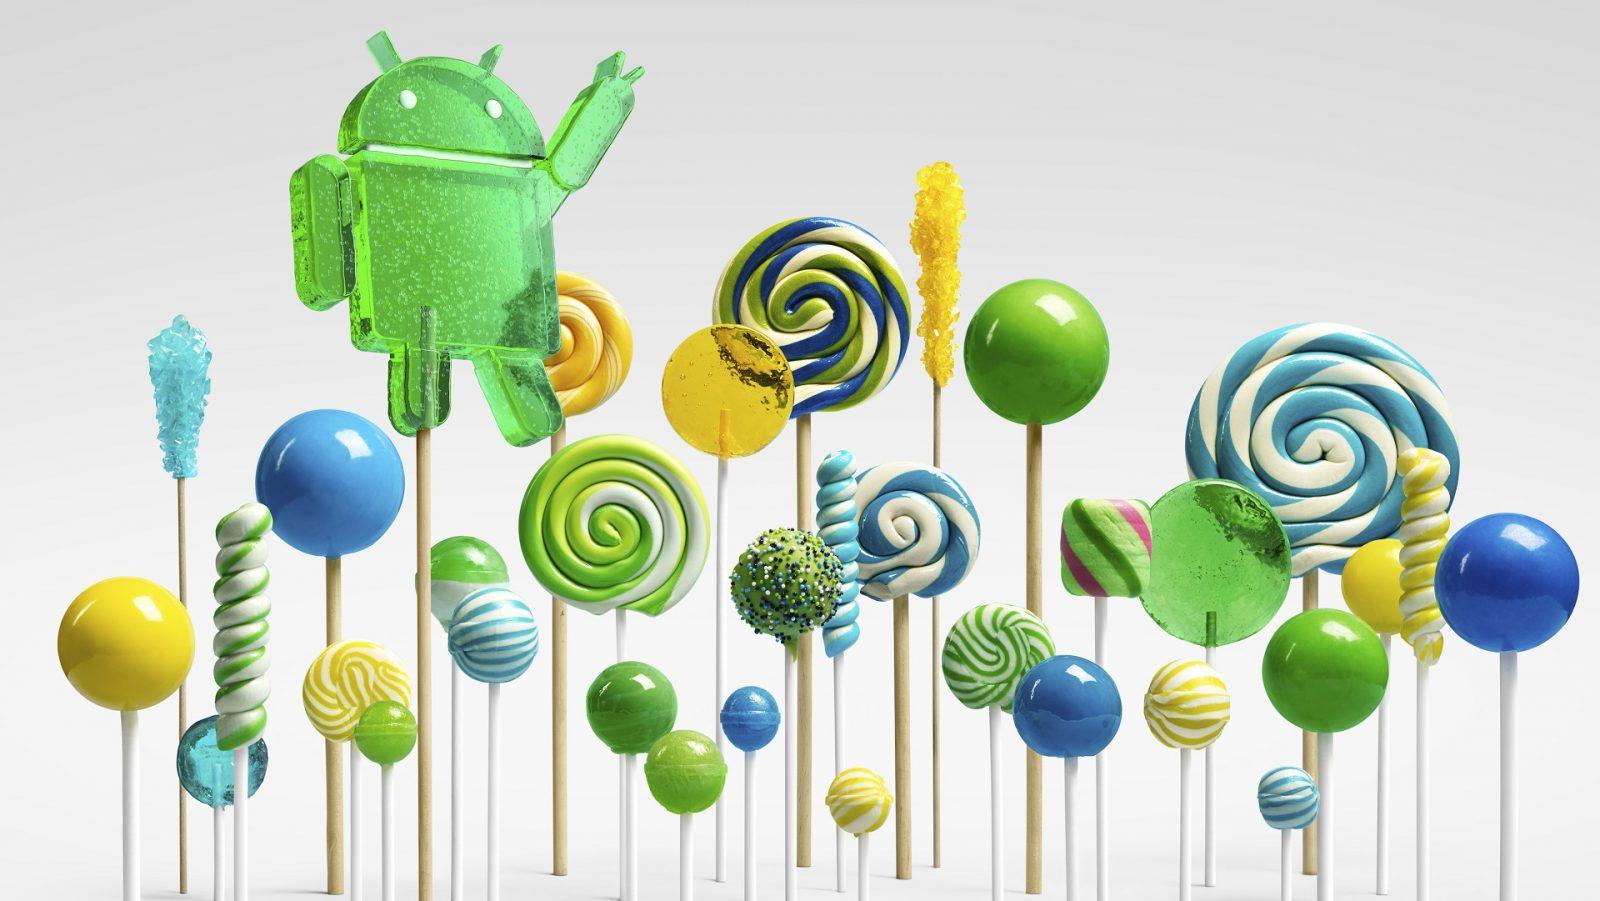 Последняя информация по Android 5.0. Дата выхода, что нового, слухи